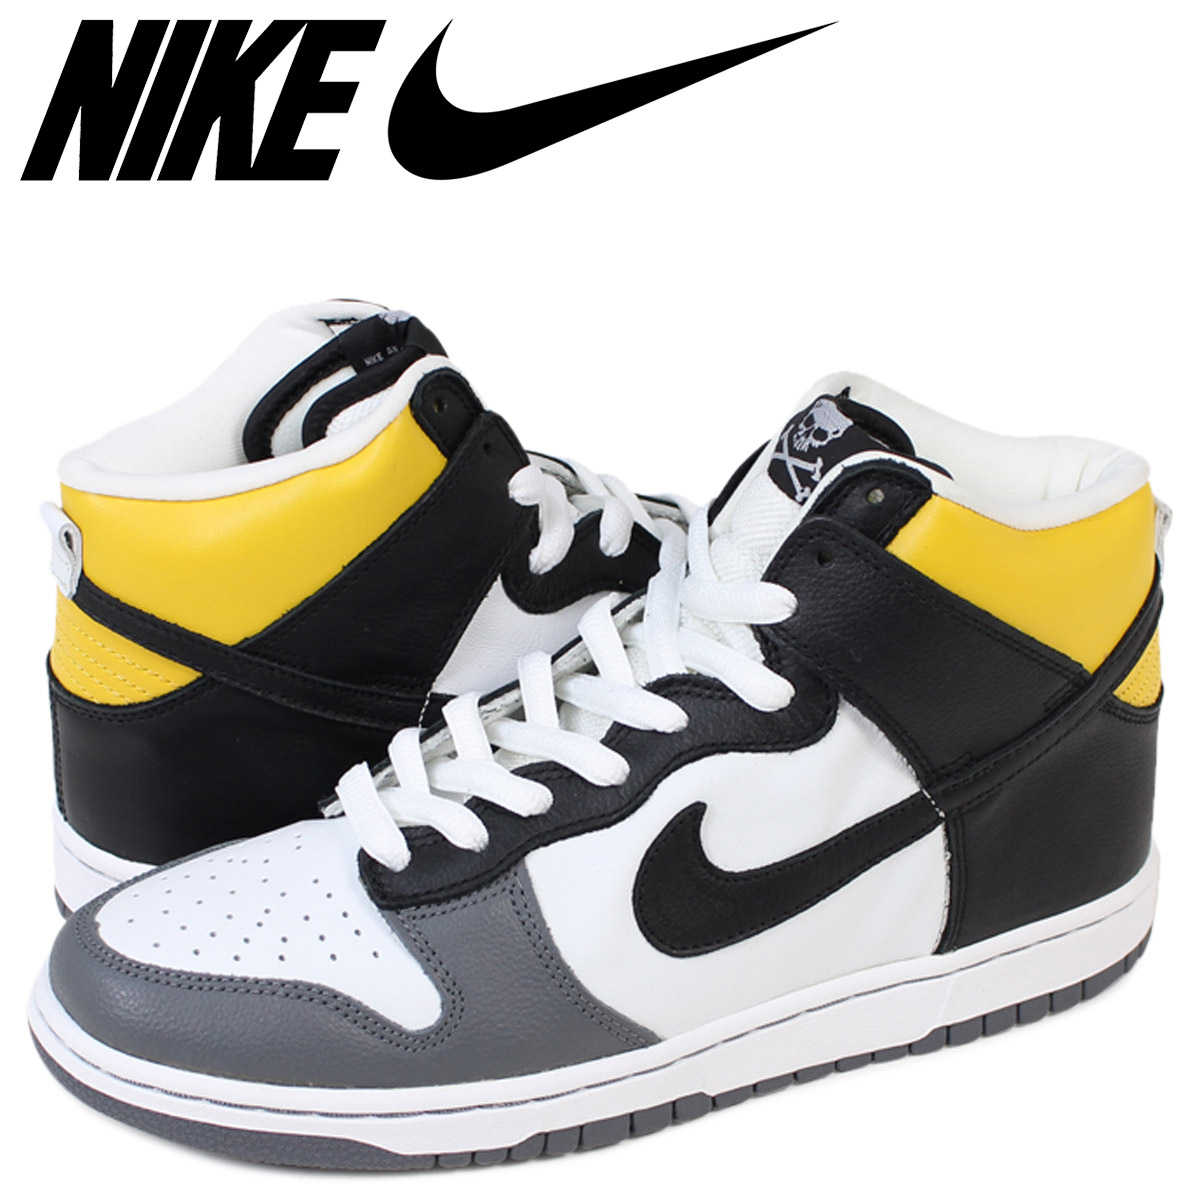 NIKE SB Nike dunk sneakers DUNK HI PRO DANIEL SHIMIZU 305,050-101 white men